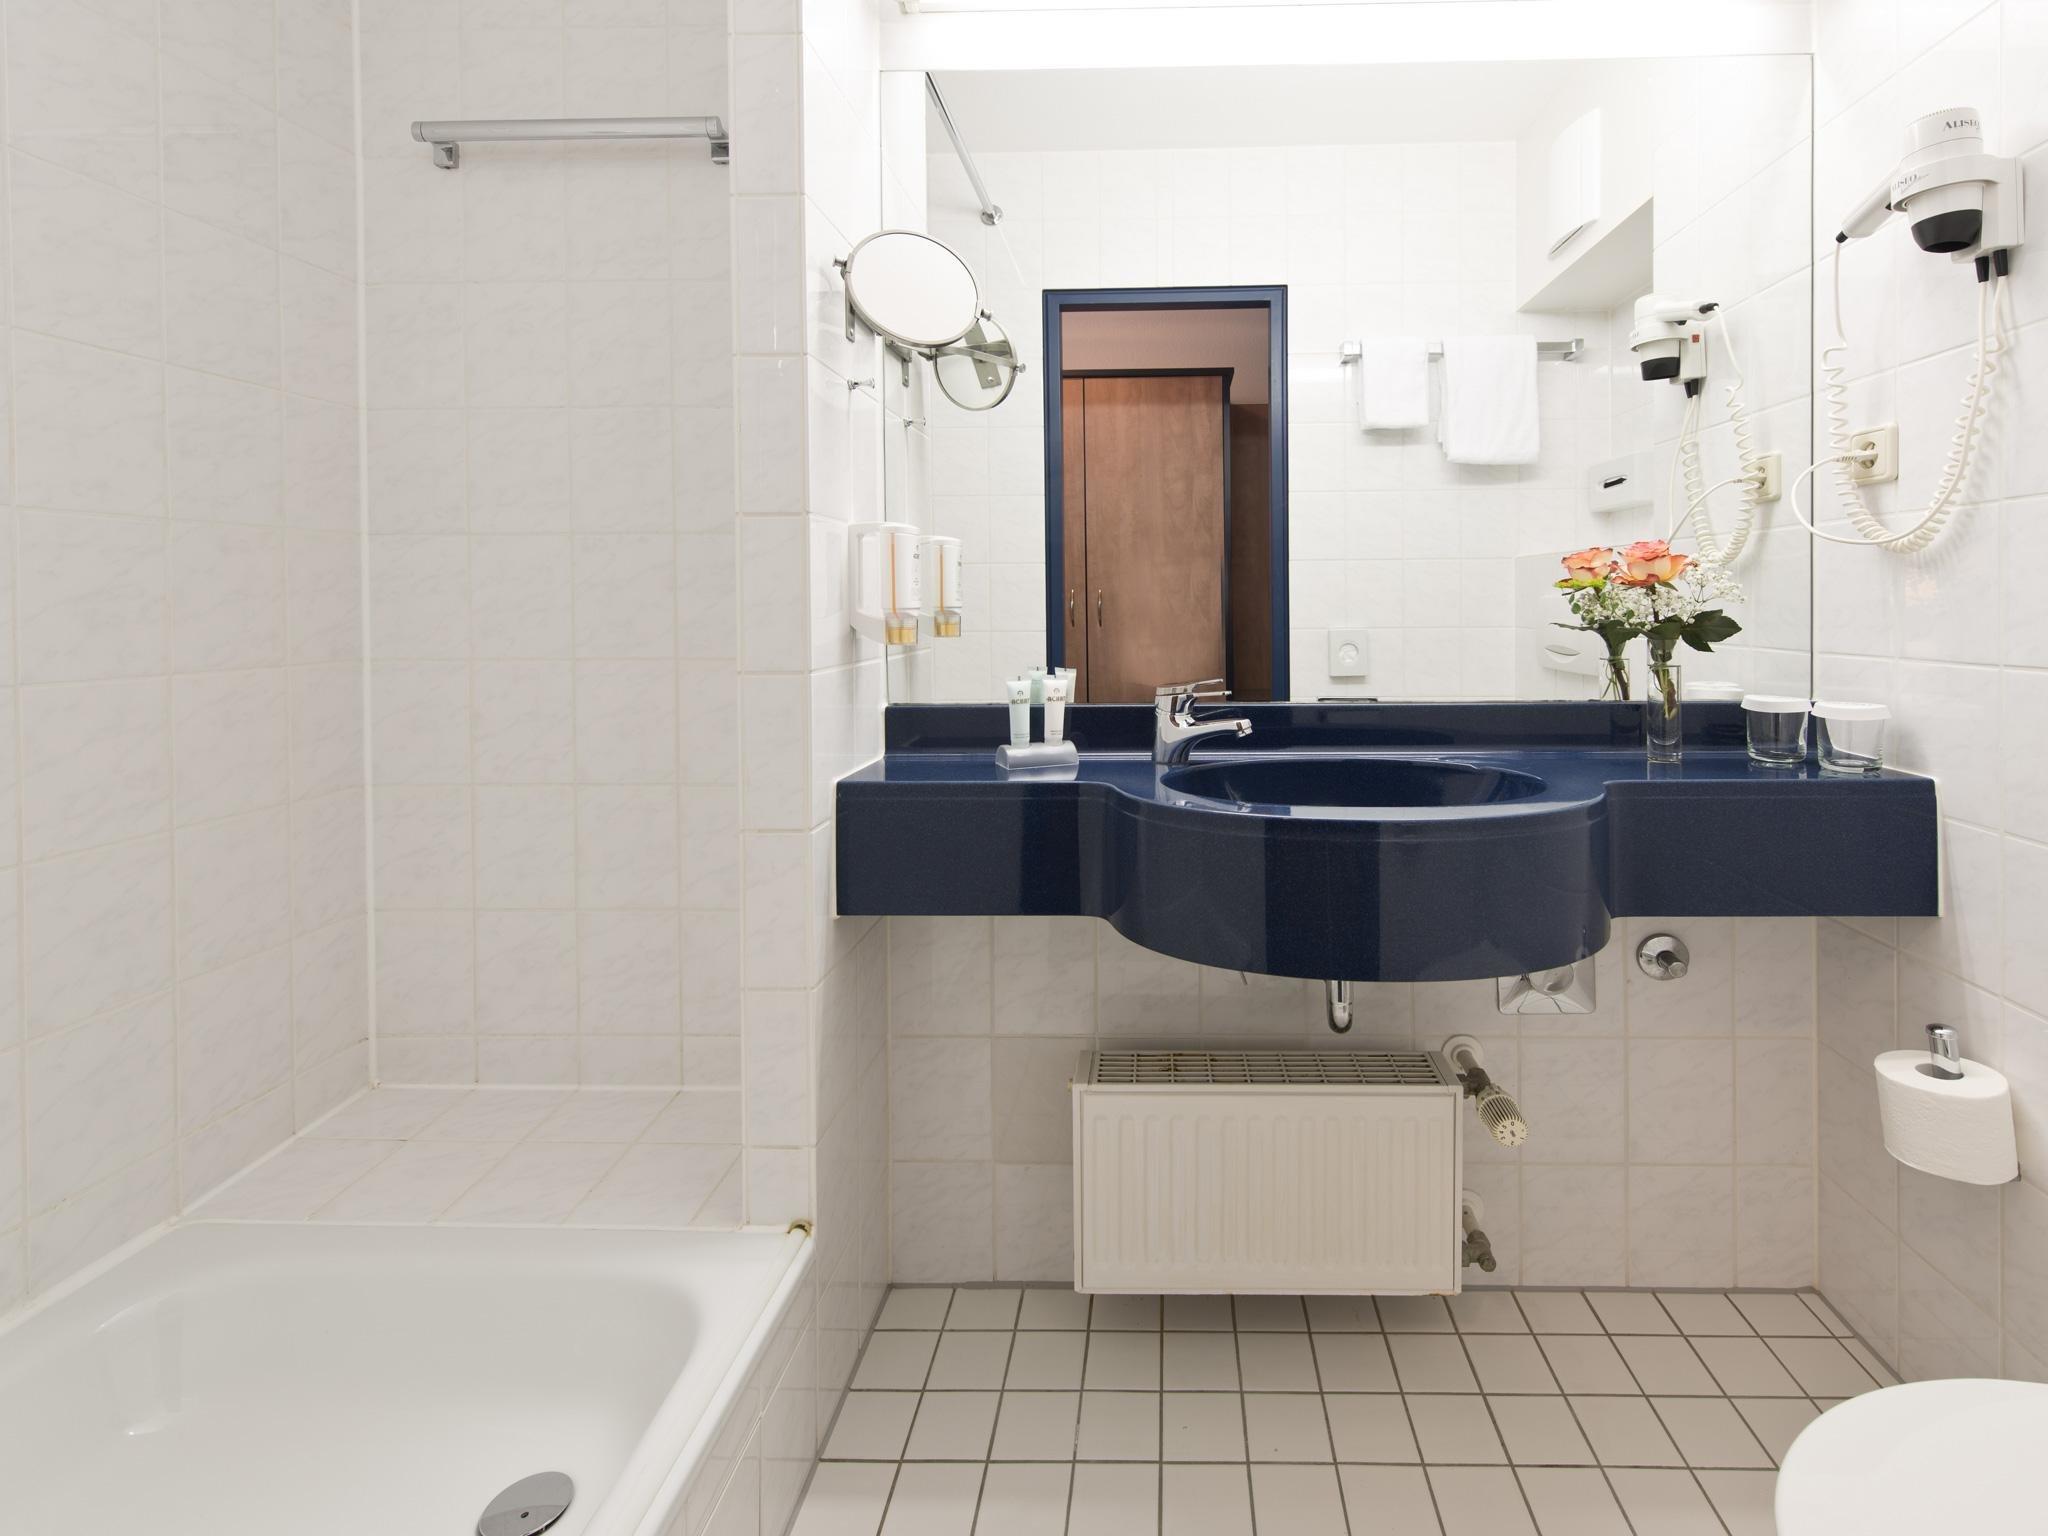 Achat familien erlebnis monheim am rhein 1 n mit for Badezimmer quelle